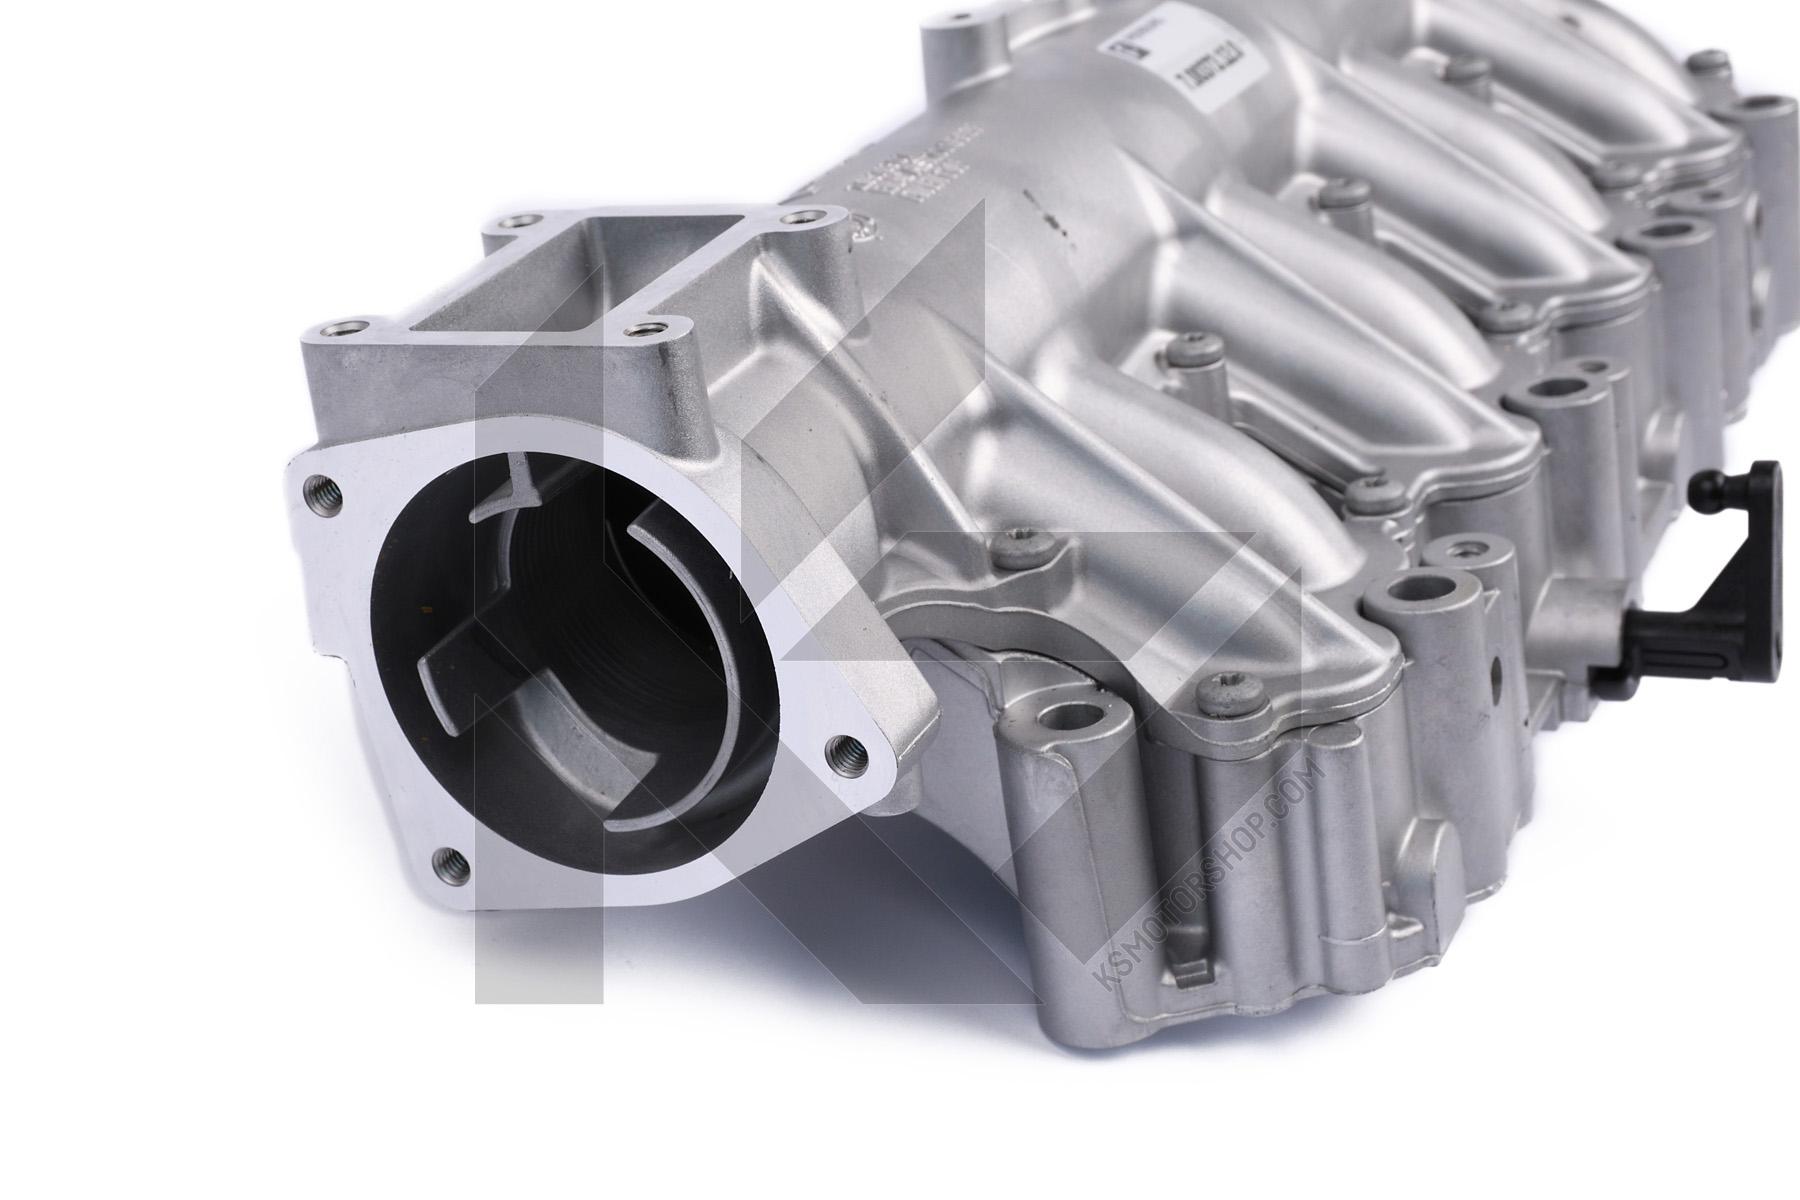 7 00373 12 0 PIERBURG, Intake Manifold Module